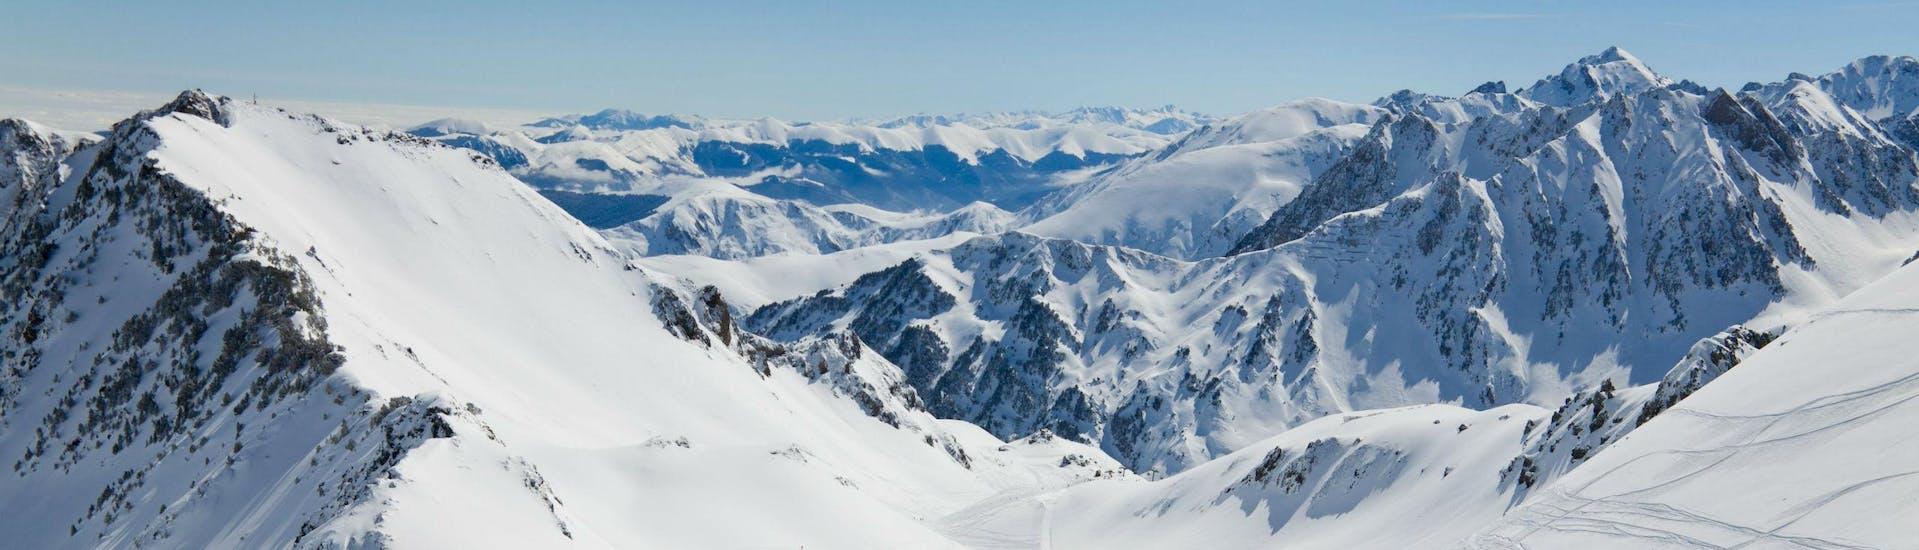 Un snowboardeur admire la vue magnifique sur les Pyrénées enneigées depuis l'une des pistes de La Mongie - Village, où les écoles de ski locales proposent un vaste choix de cours de ski.